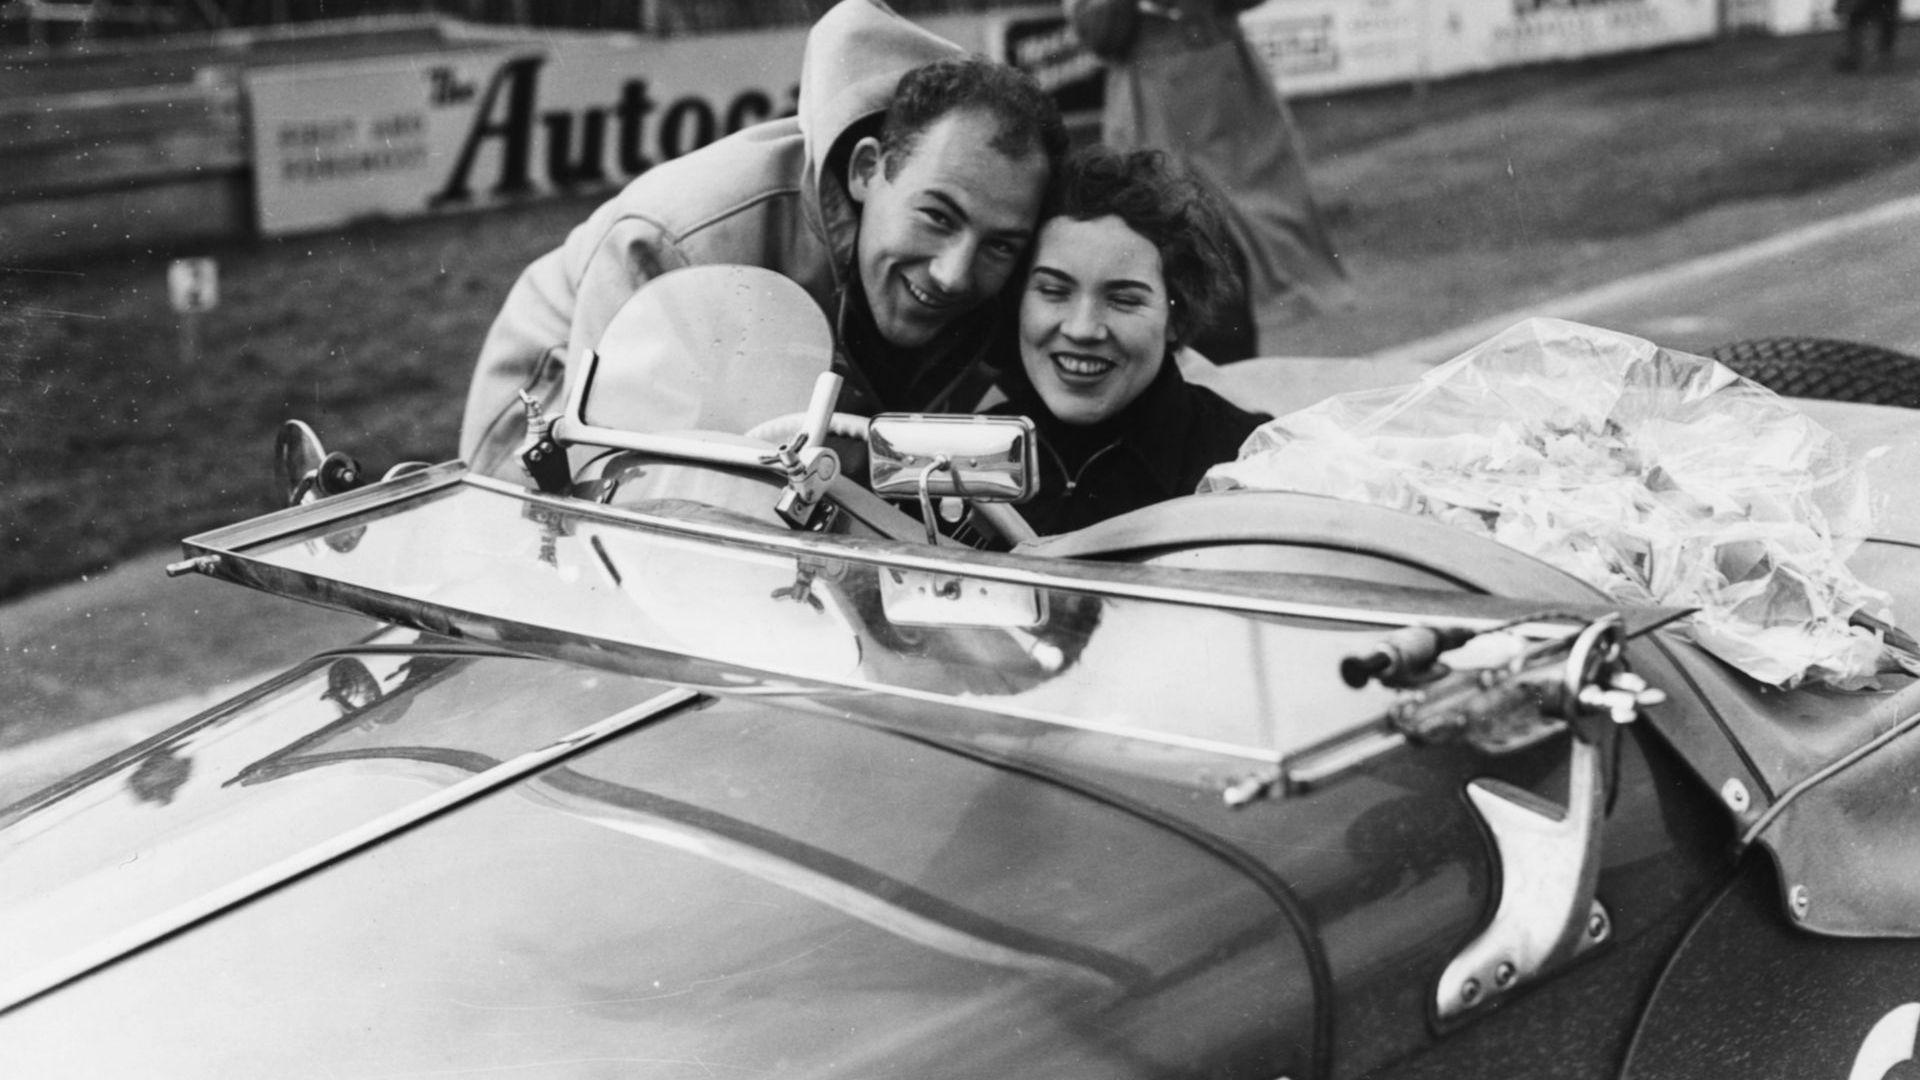 Лейди Пат често бе по-бърза от мъжете. И можеше да ги бие дори във Формула 1